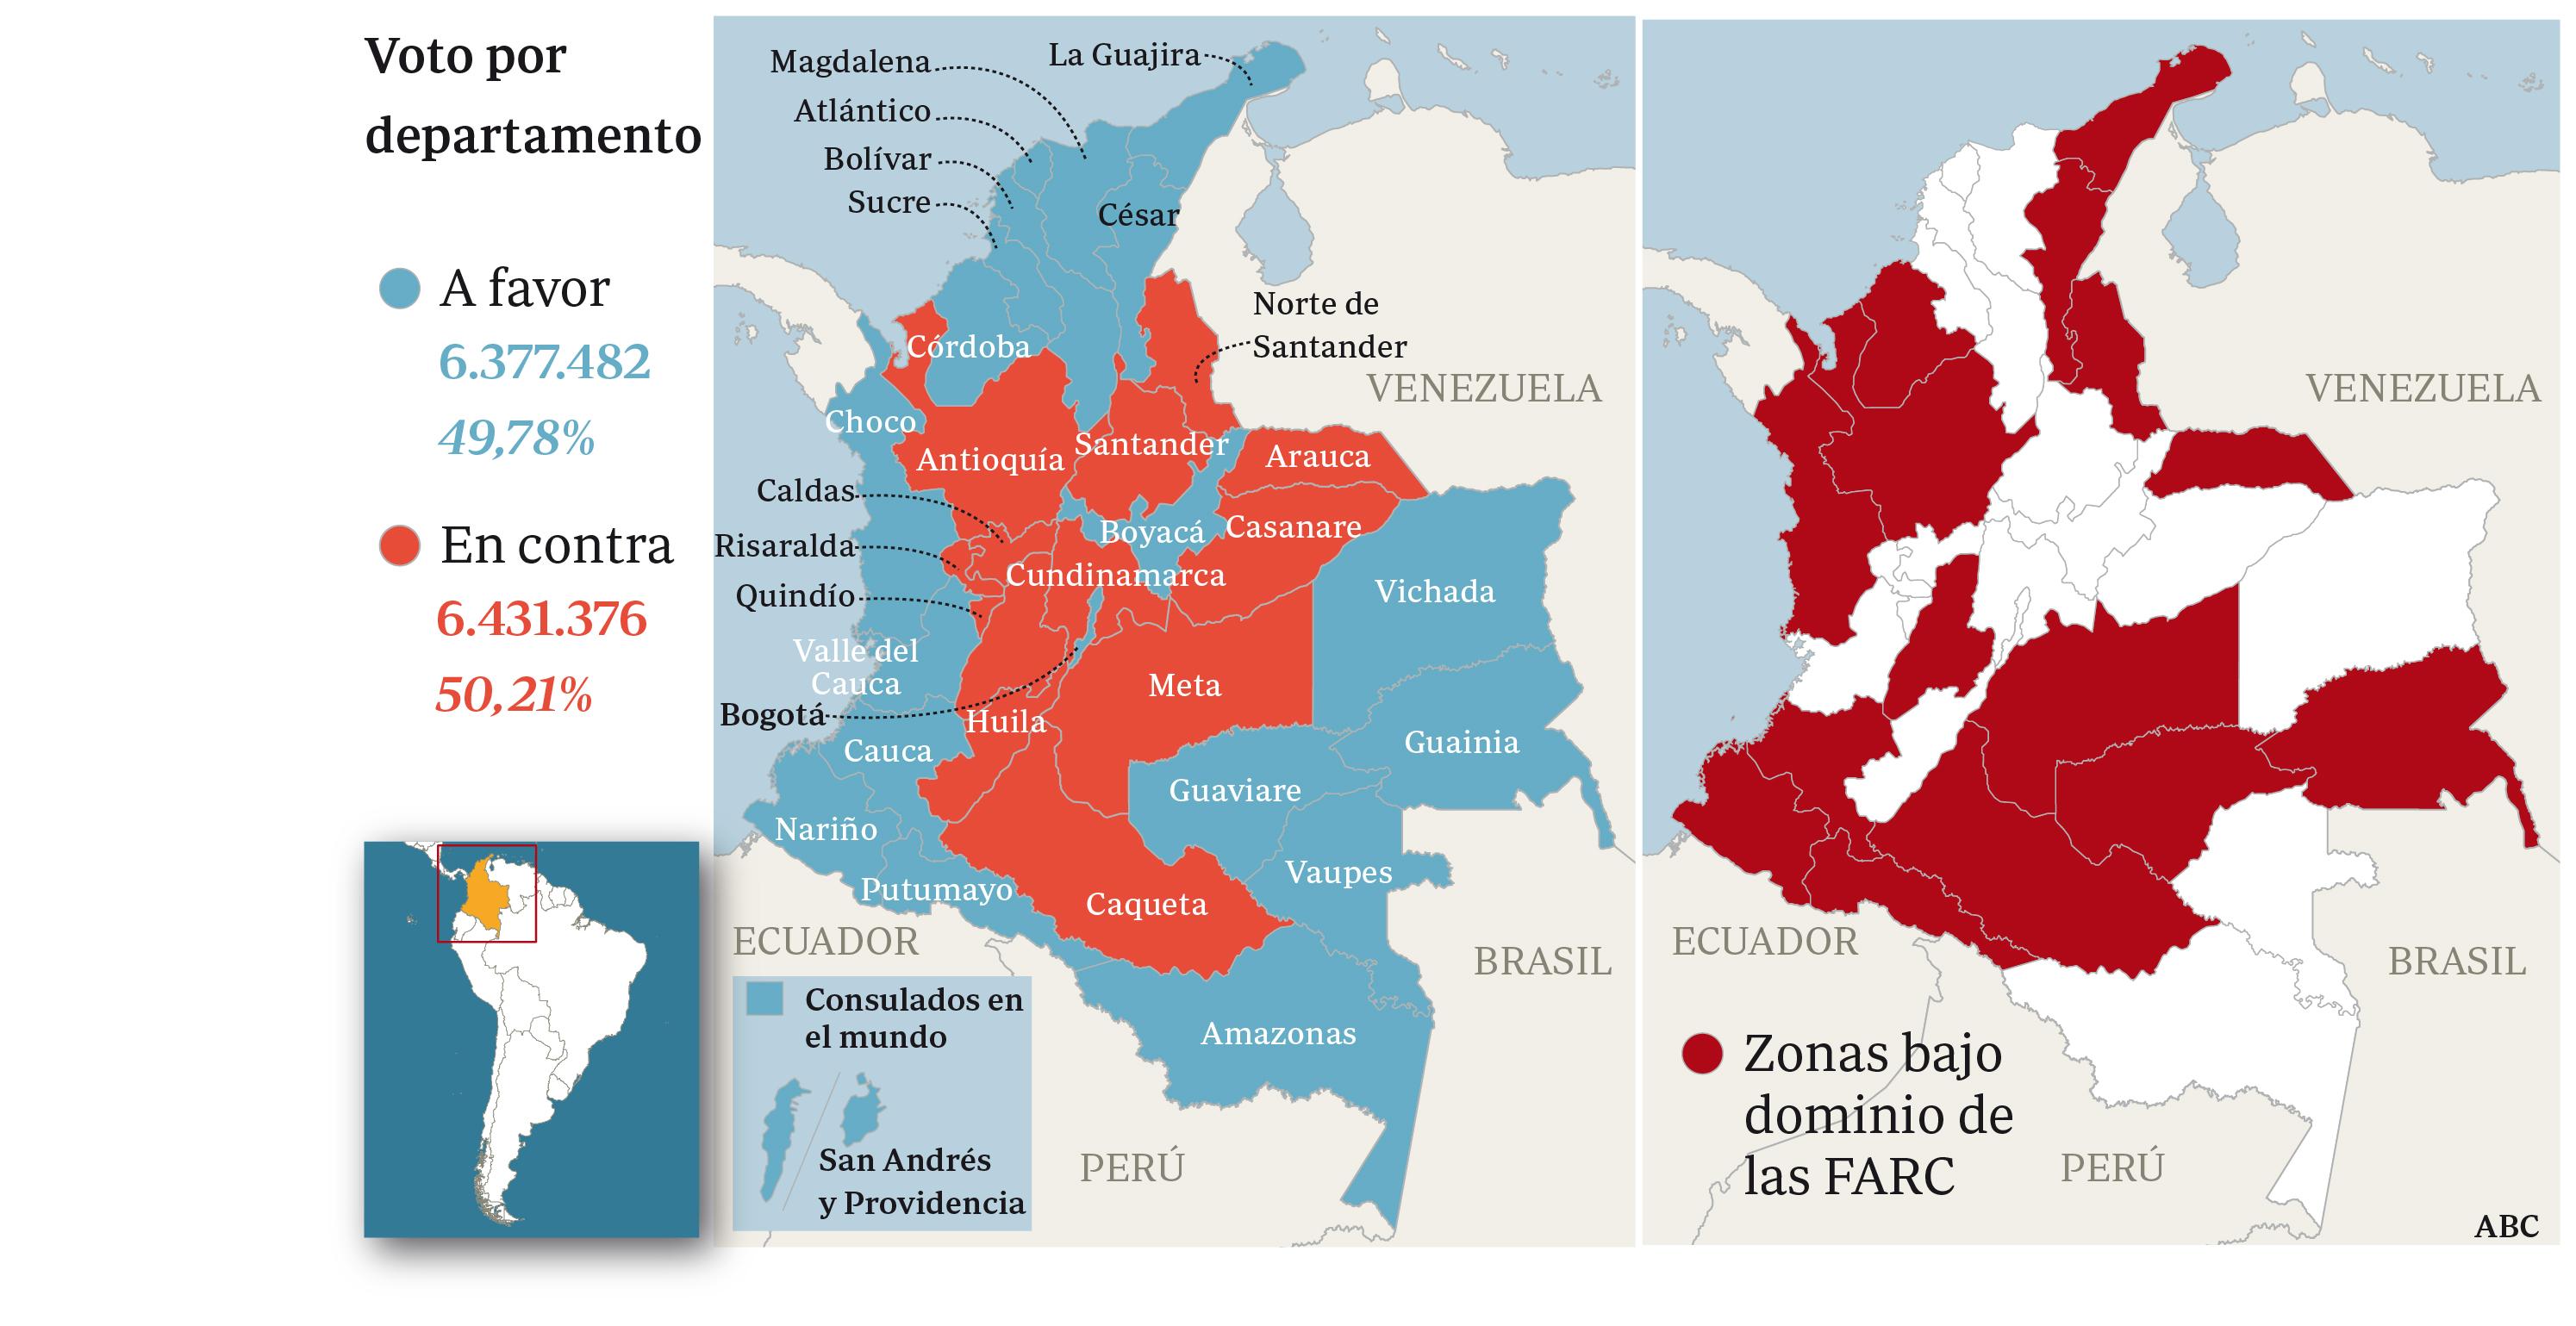 Regiones y porcentaje de voto